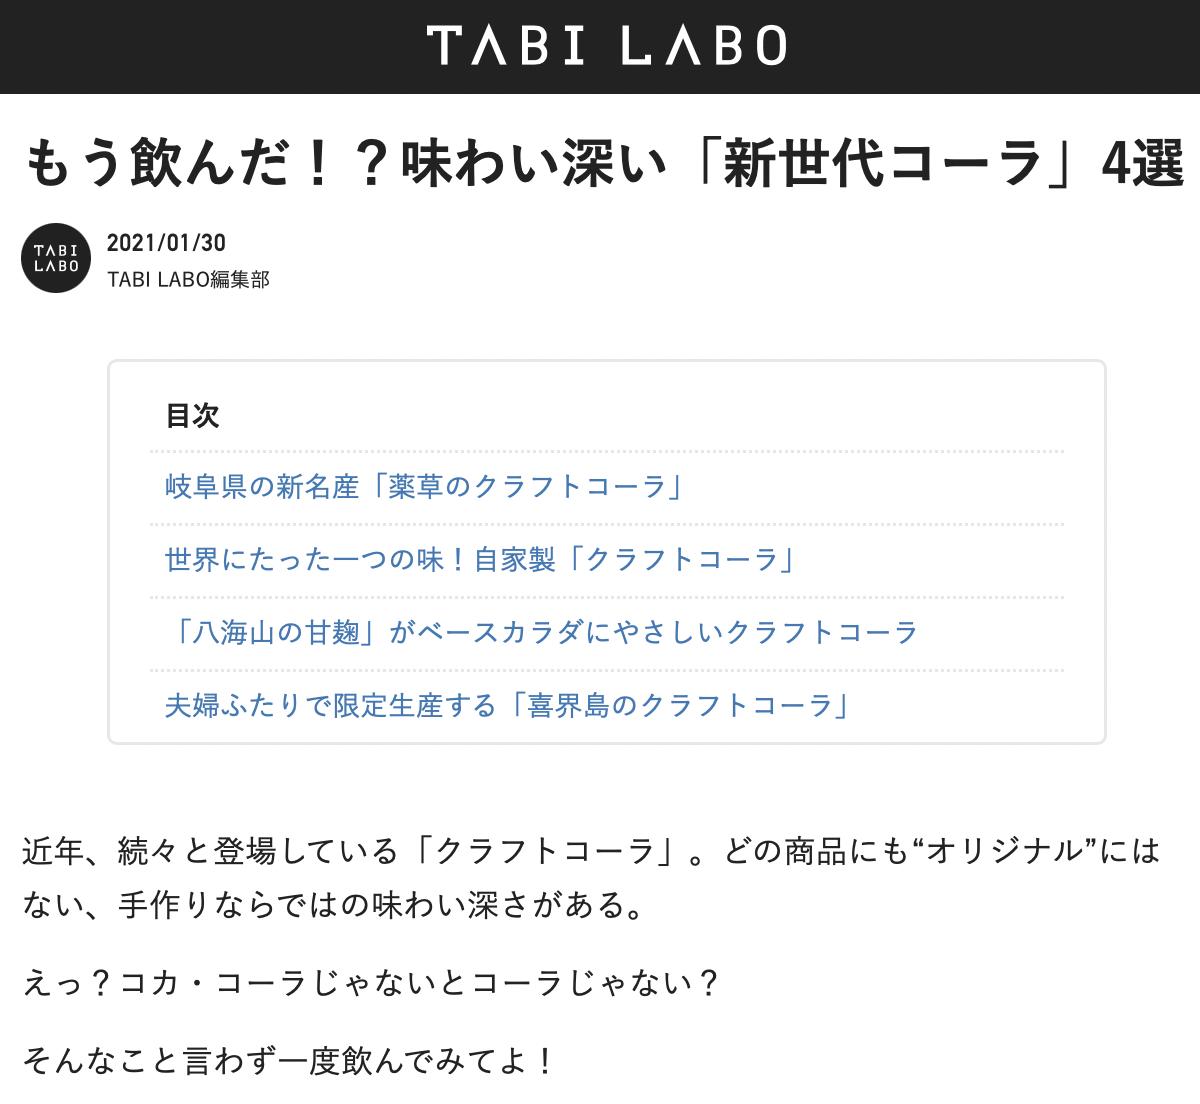 tabilabo